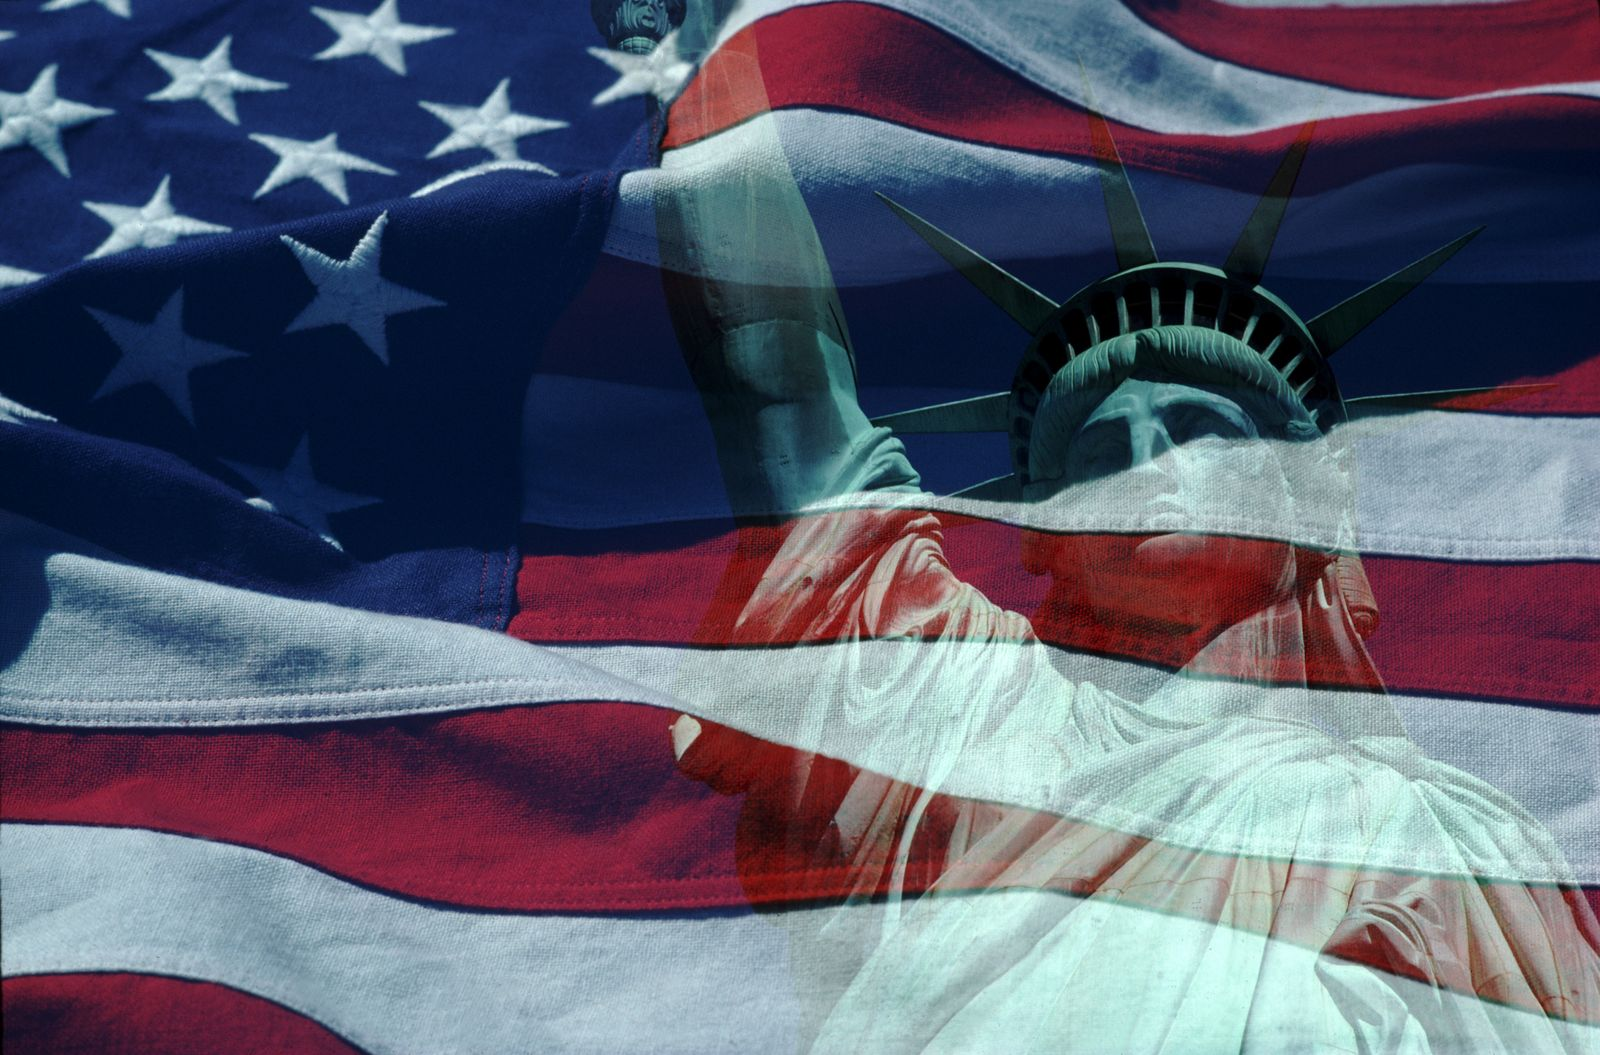 NICHT MEHR VERWENDEN! - mmO-Themenseite: USA